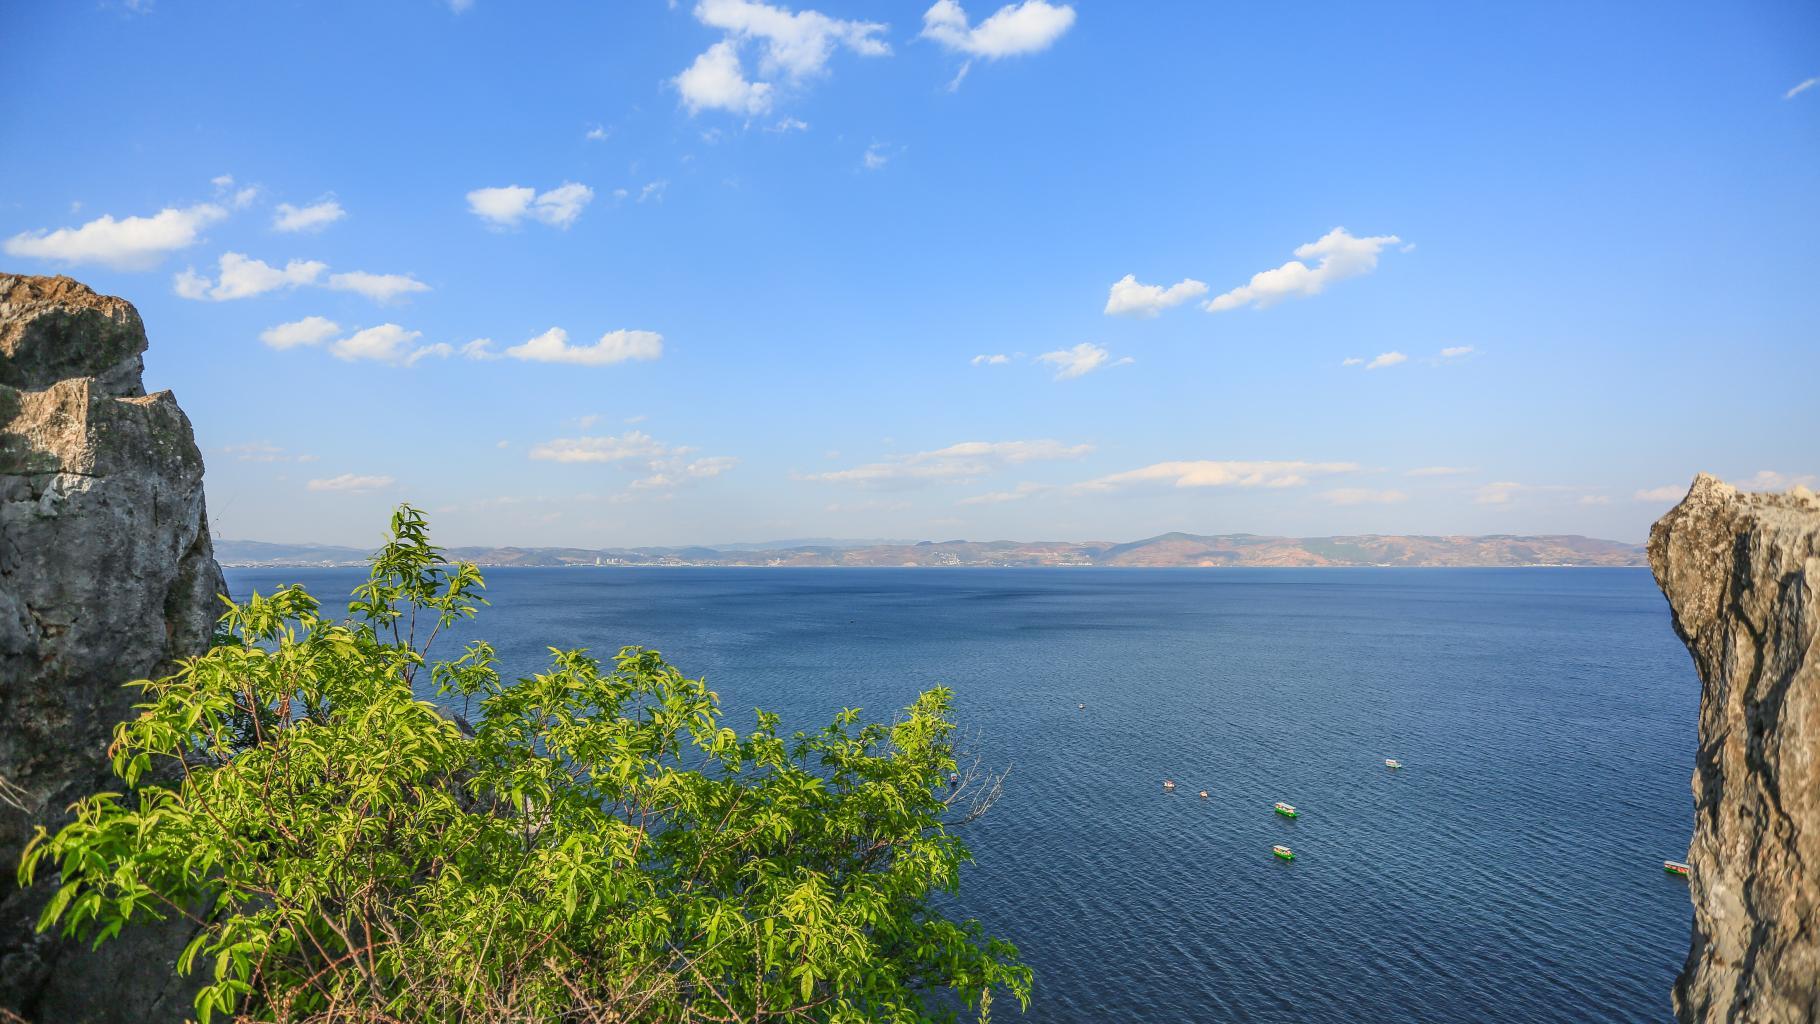 抚仙湖禄充风景区